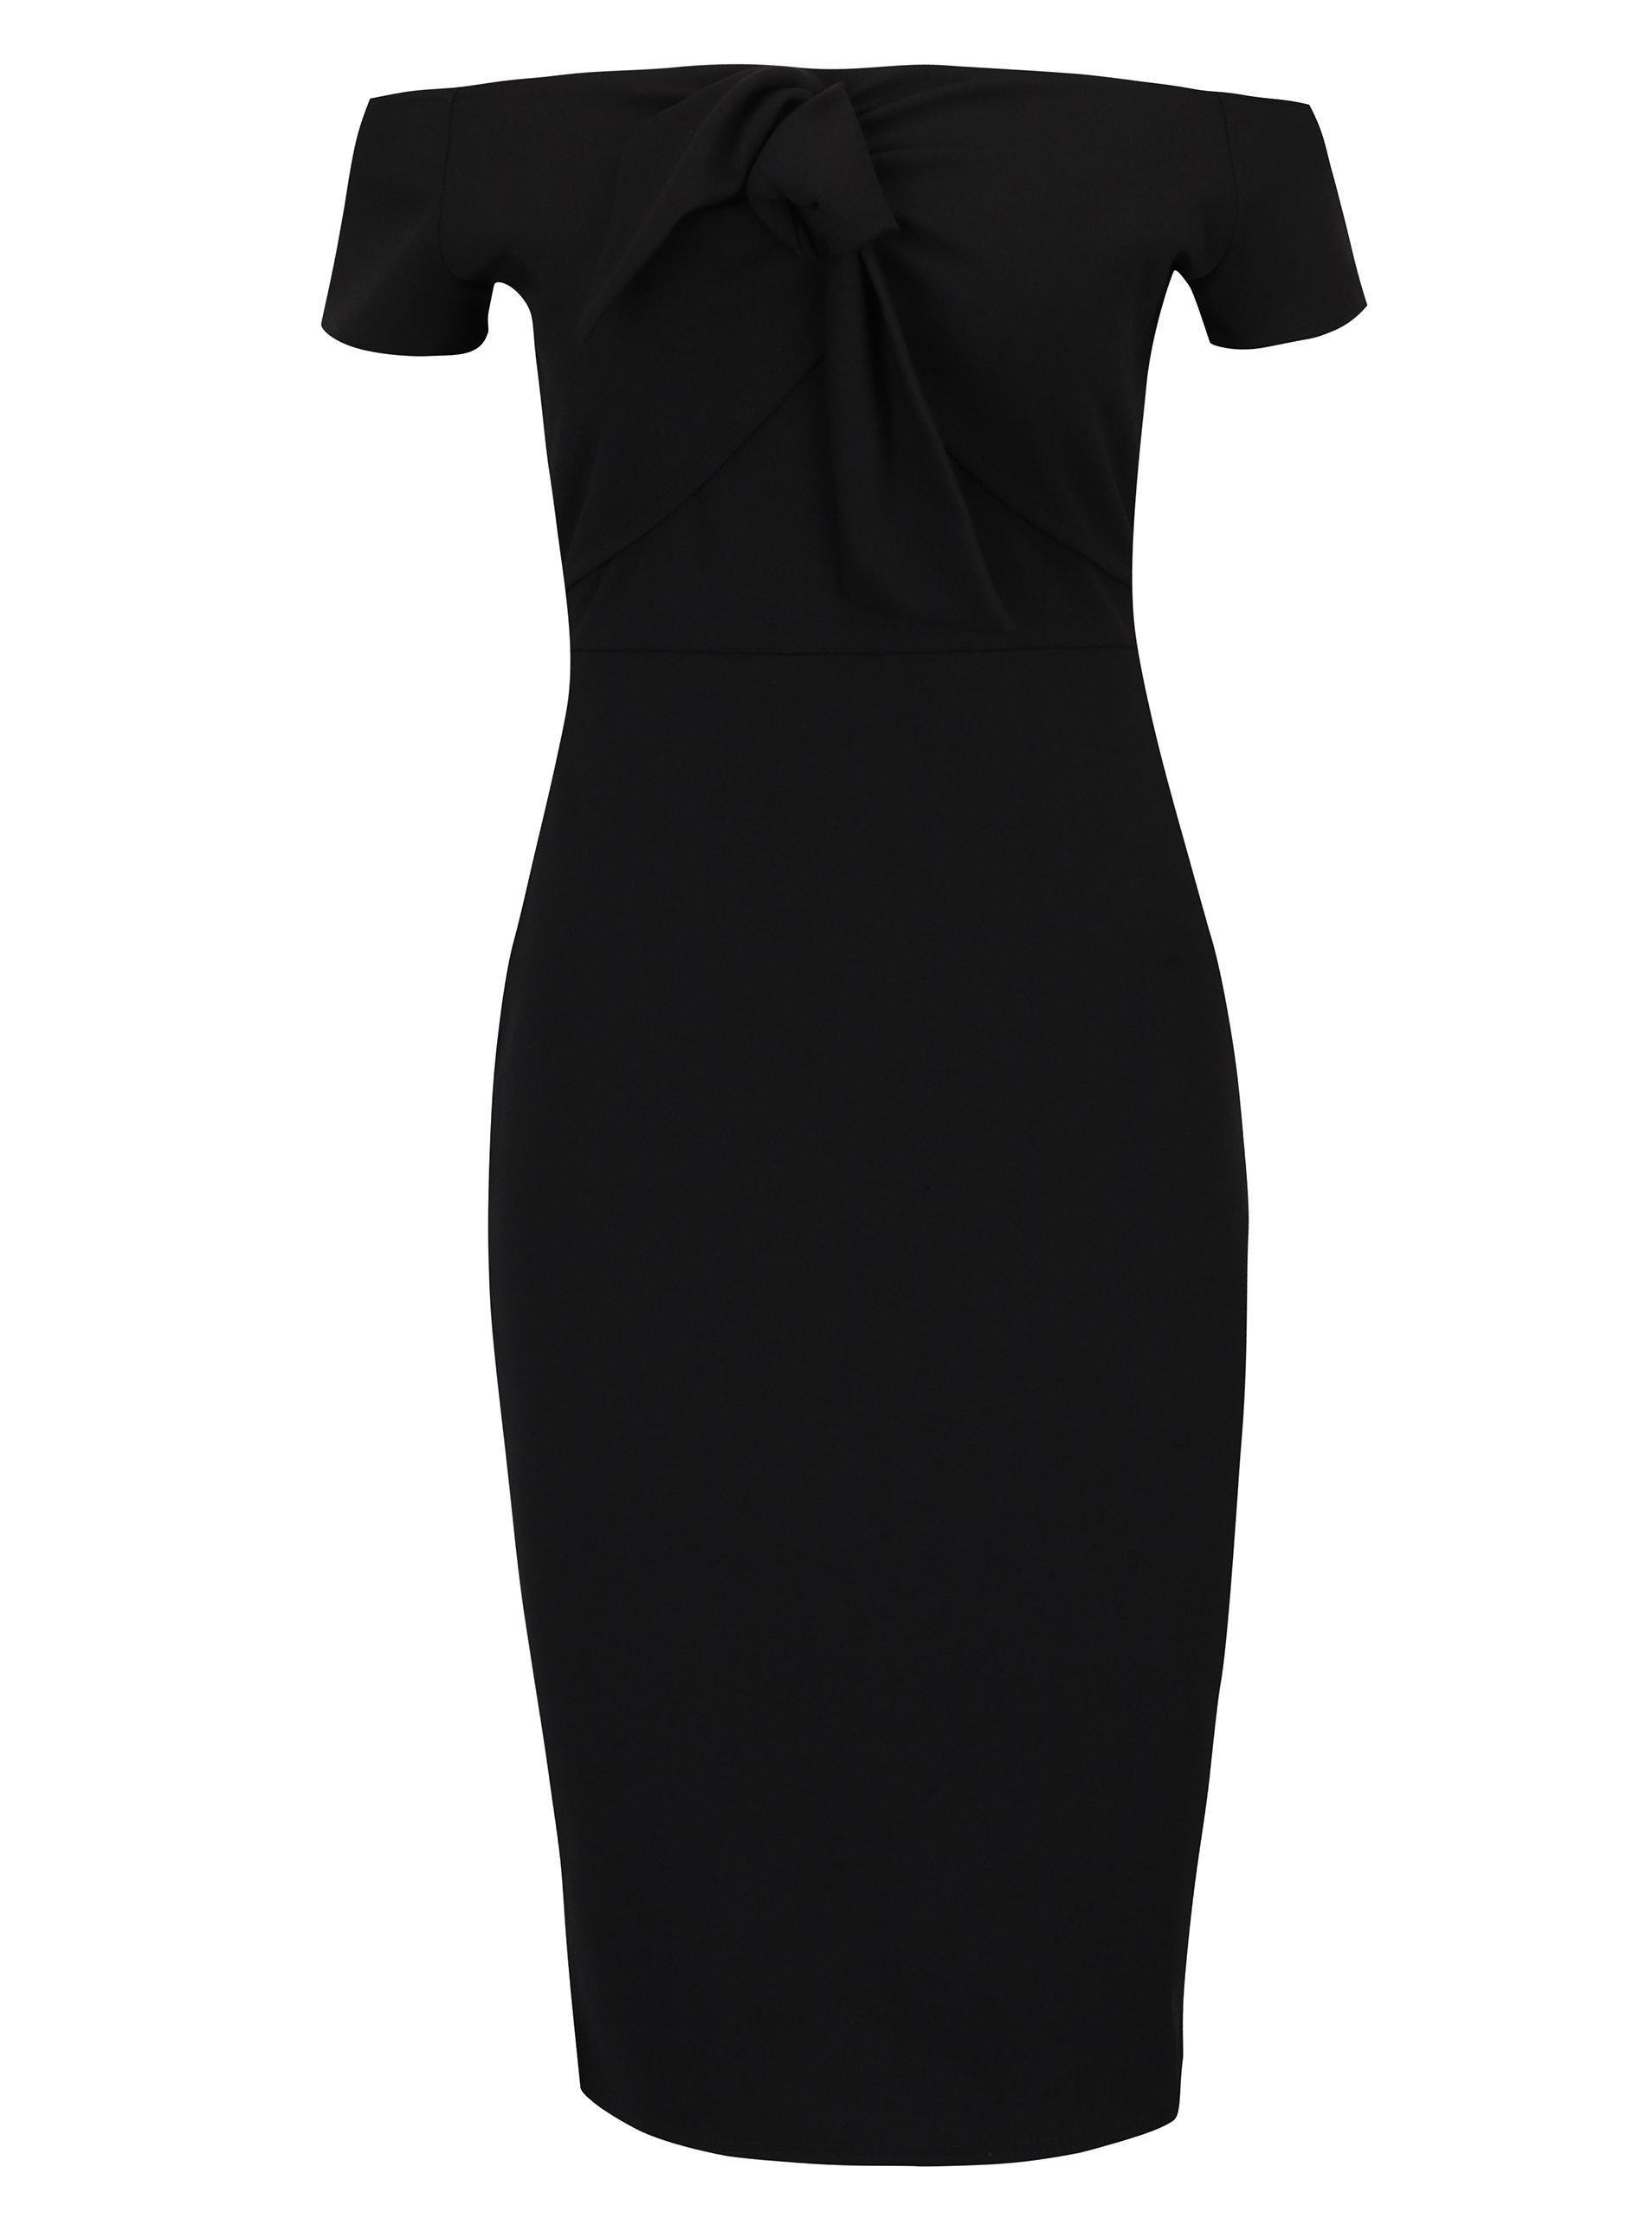 0ef1ced2c1e8 Černé pouzdrové šaty s odhalenými rameny Dorothy Perkins ...